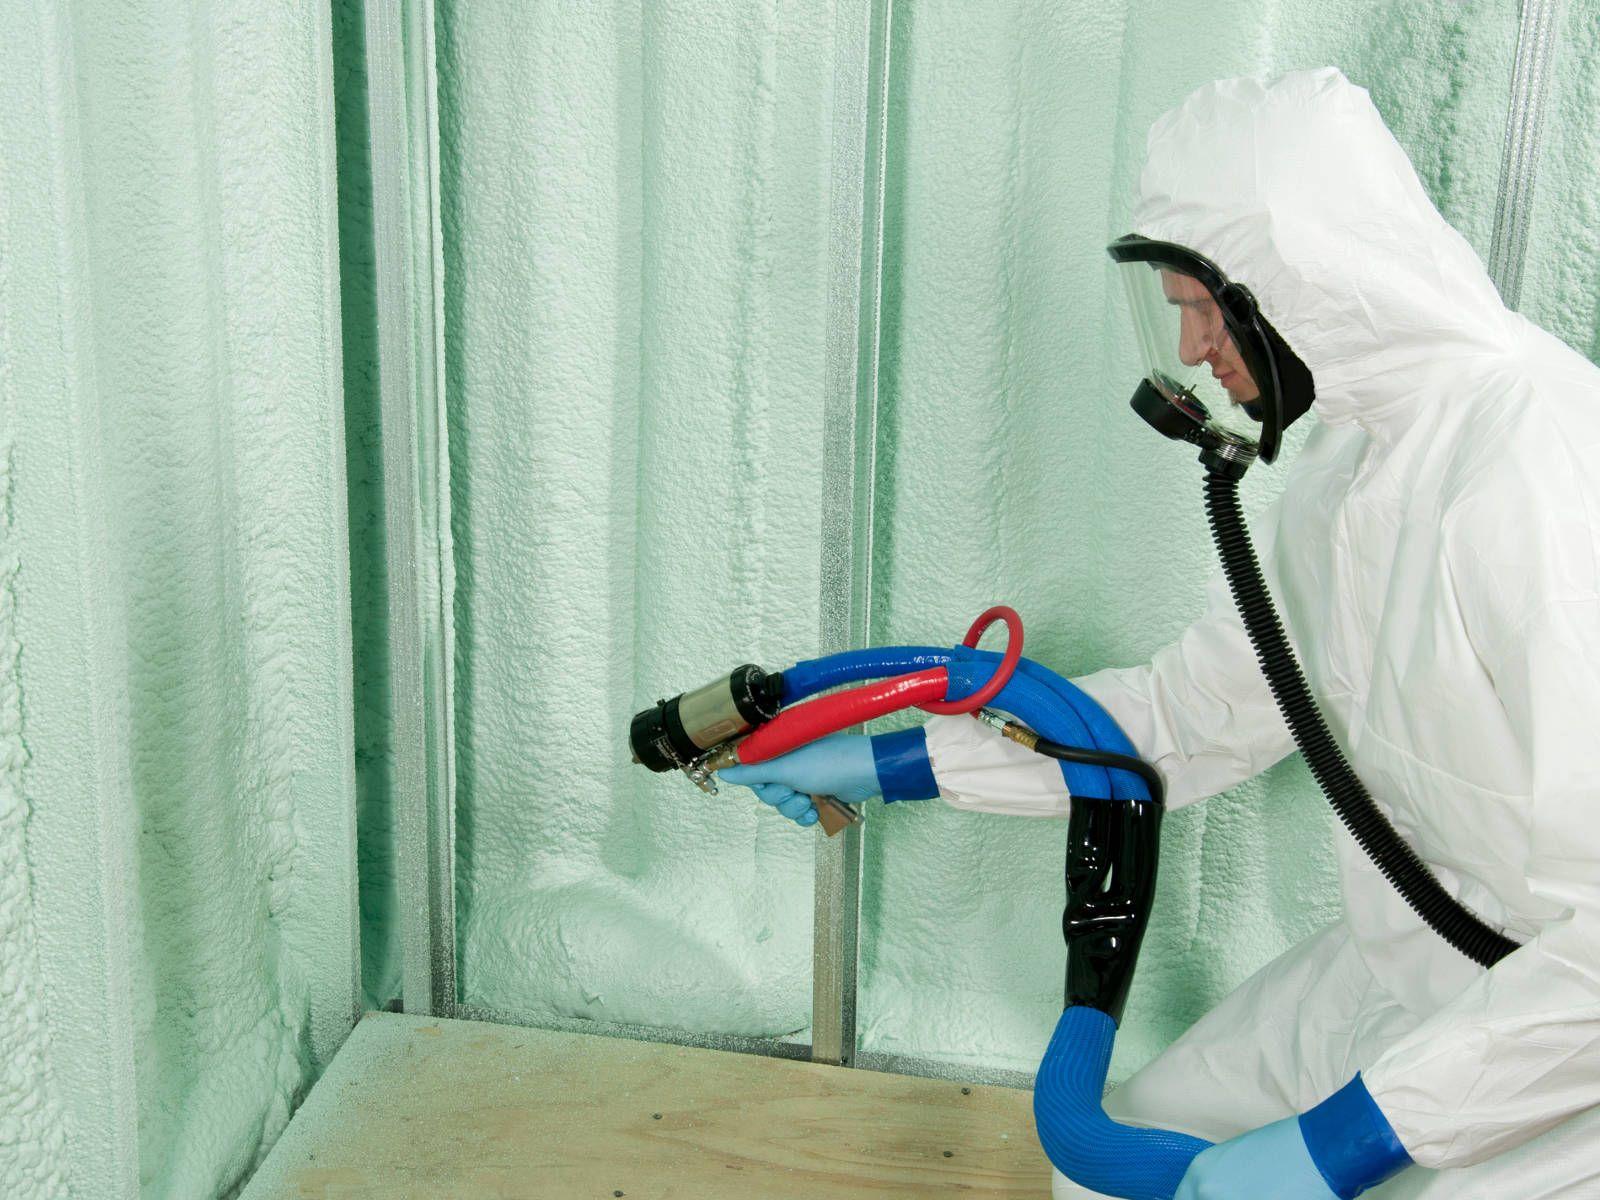 Izolace rohu místnosti tvrdou pěnou S-303E-P